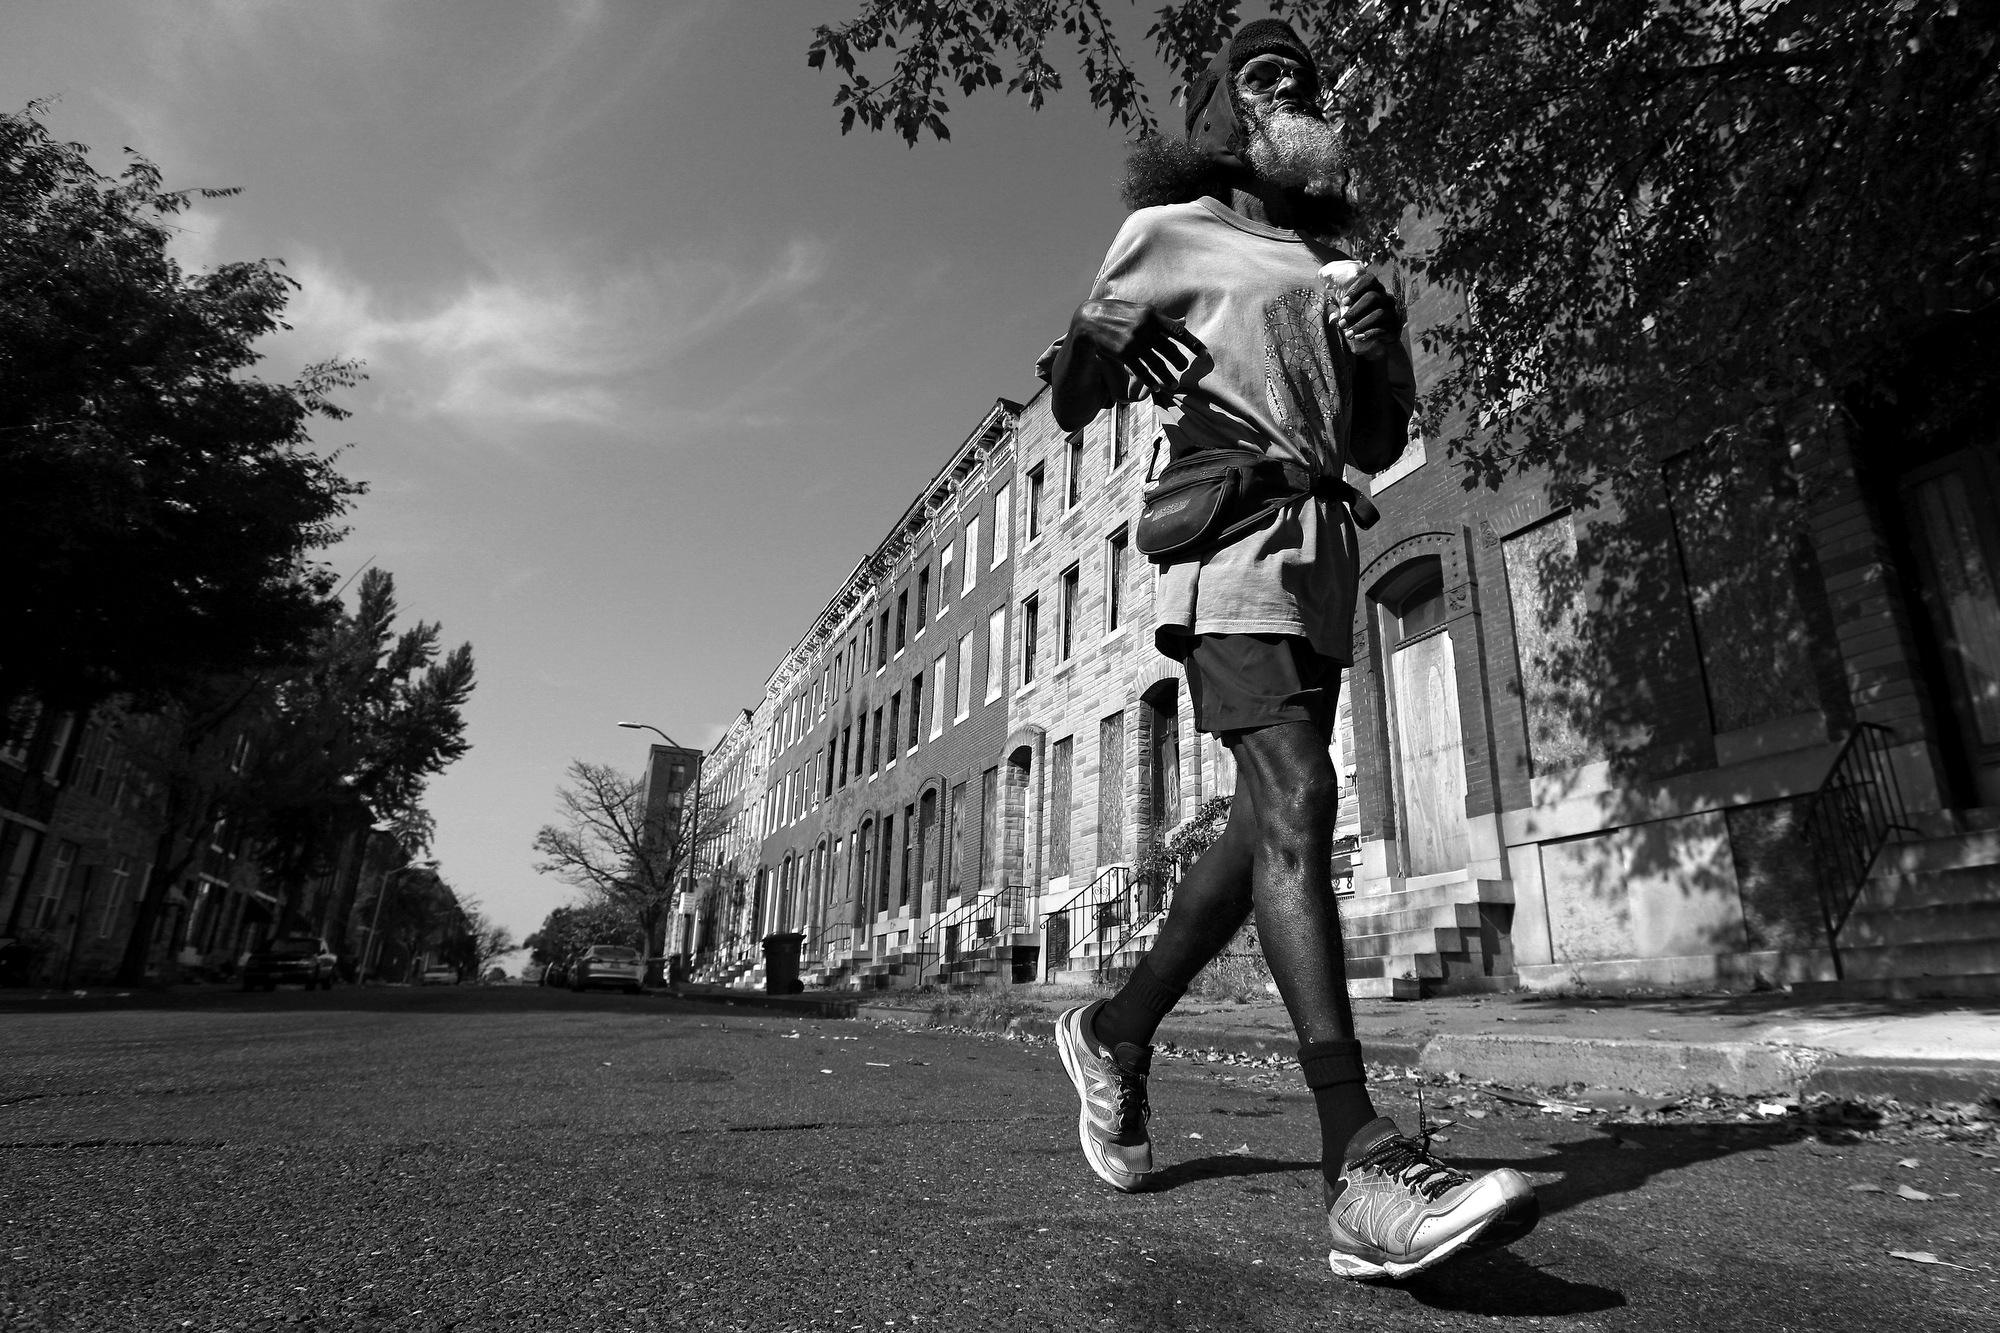 Baltimore's running man